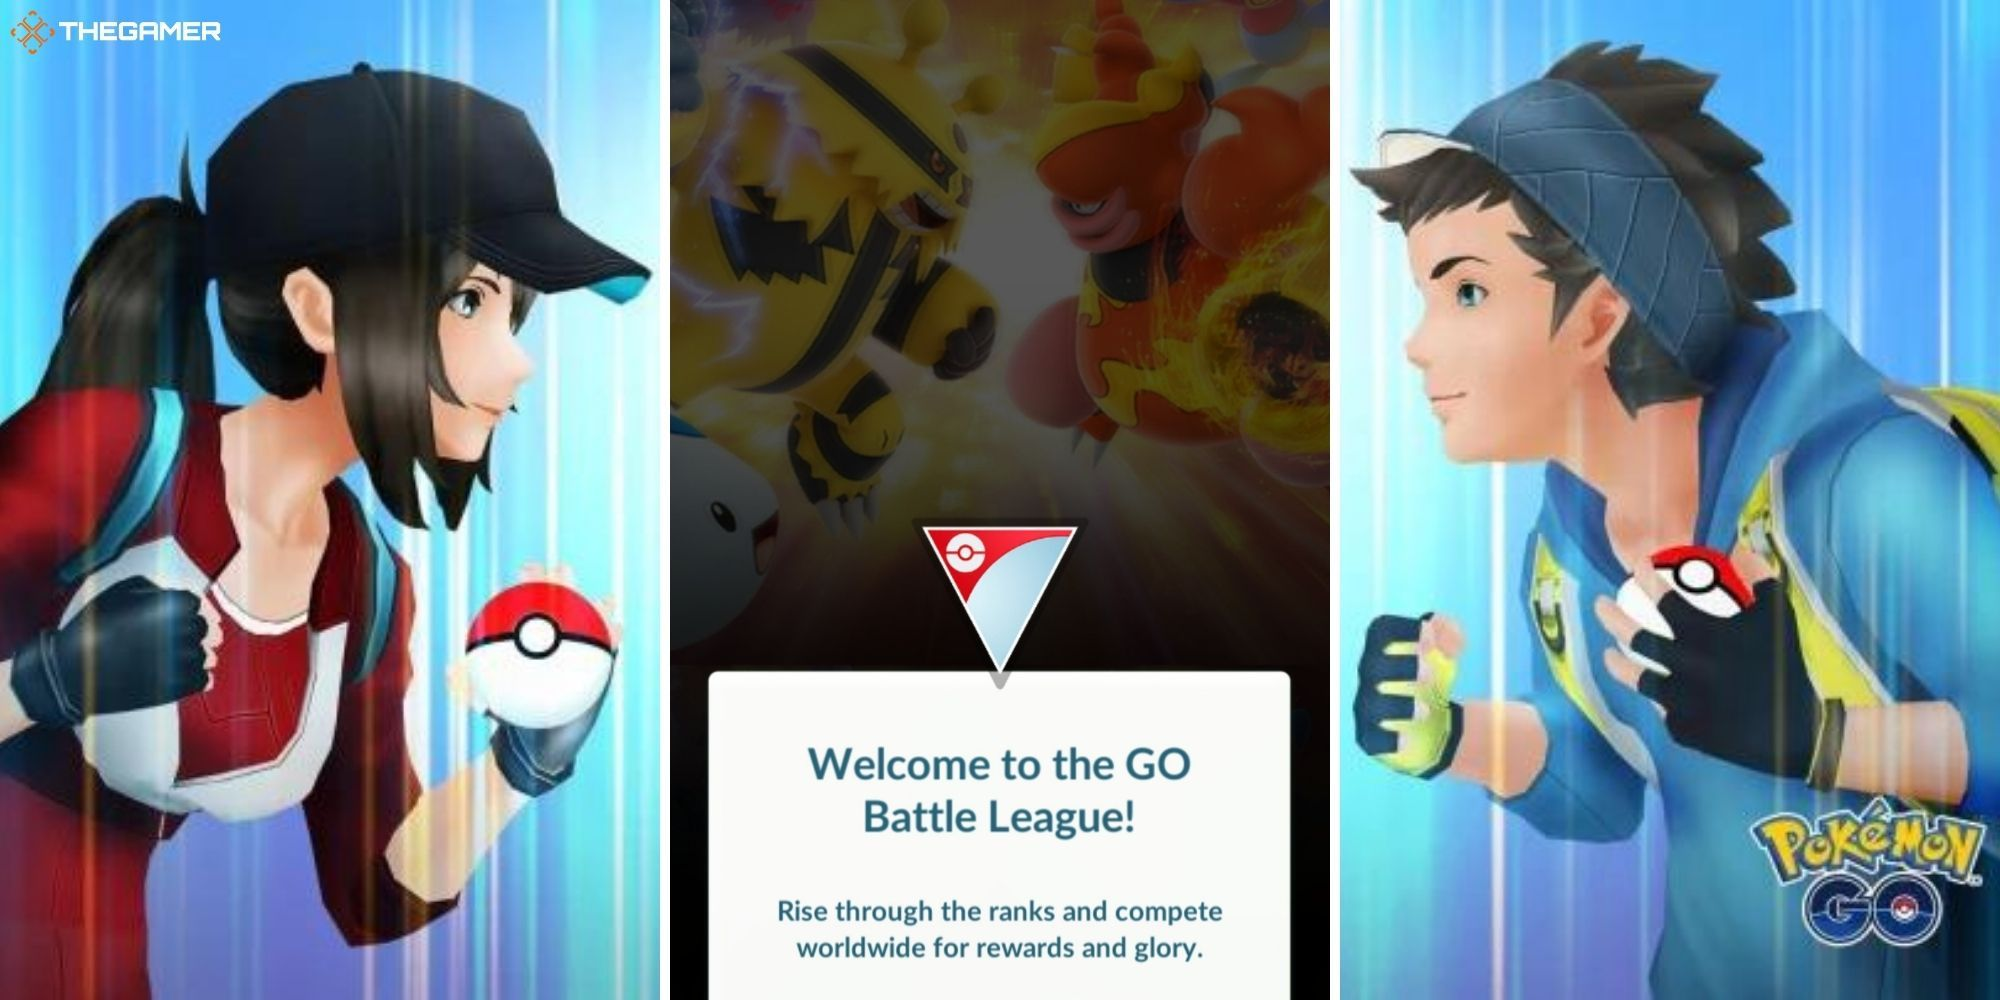 Pokémon GO: una guía para principiantes de la liga de batalla GO